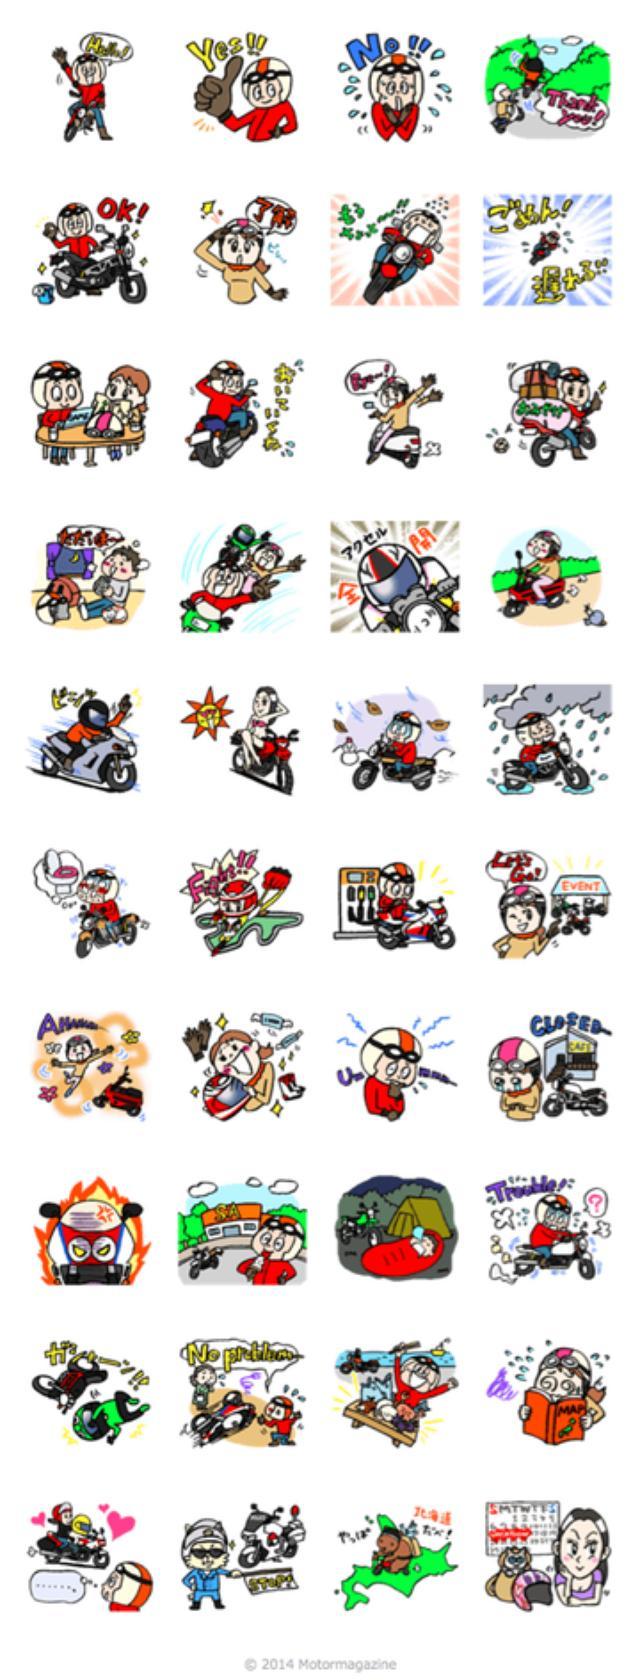 画像2: バイク好きの皆さんへ! オートバイ誌のLINE用スタンプが販売開始!